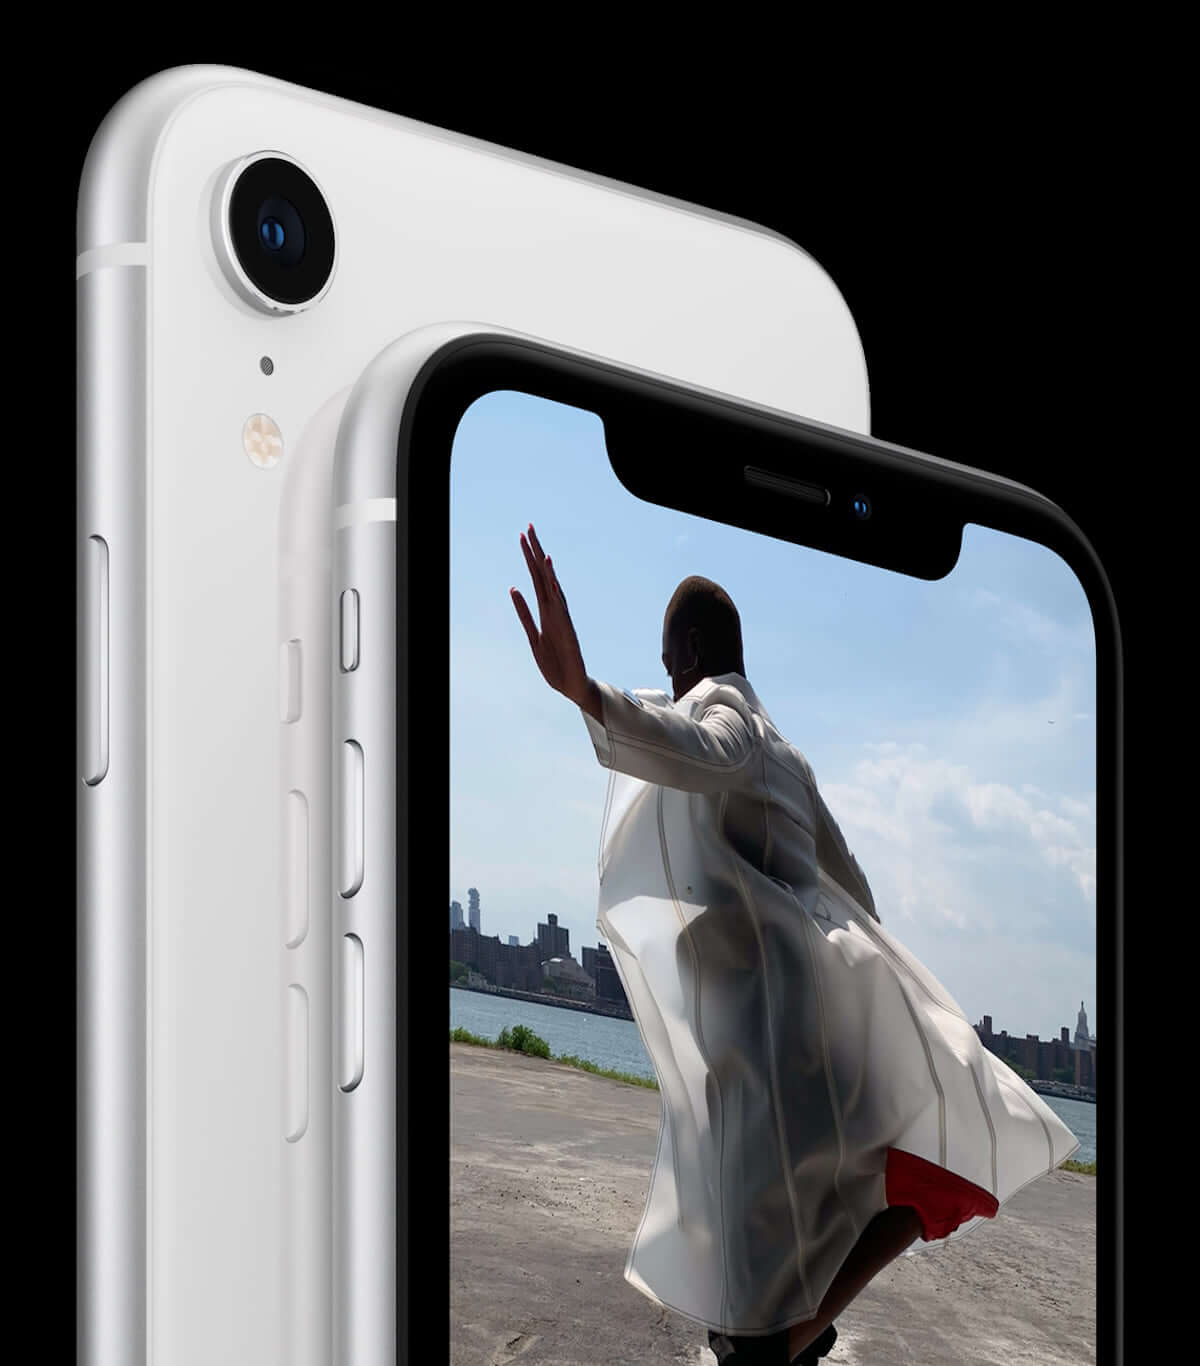 ホームボタン、ヘッドフォンジャックアダプタよさらば!新iPhone登場で姿を消すもの technology_iphone_2-1200x1366